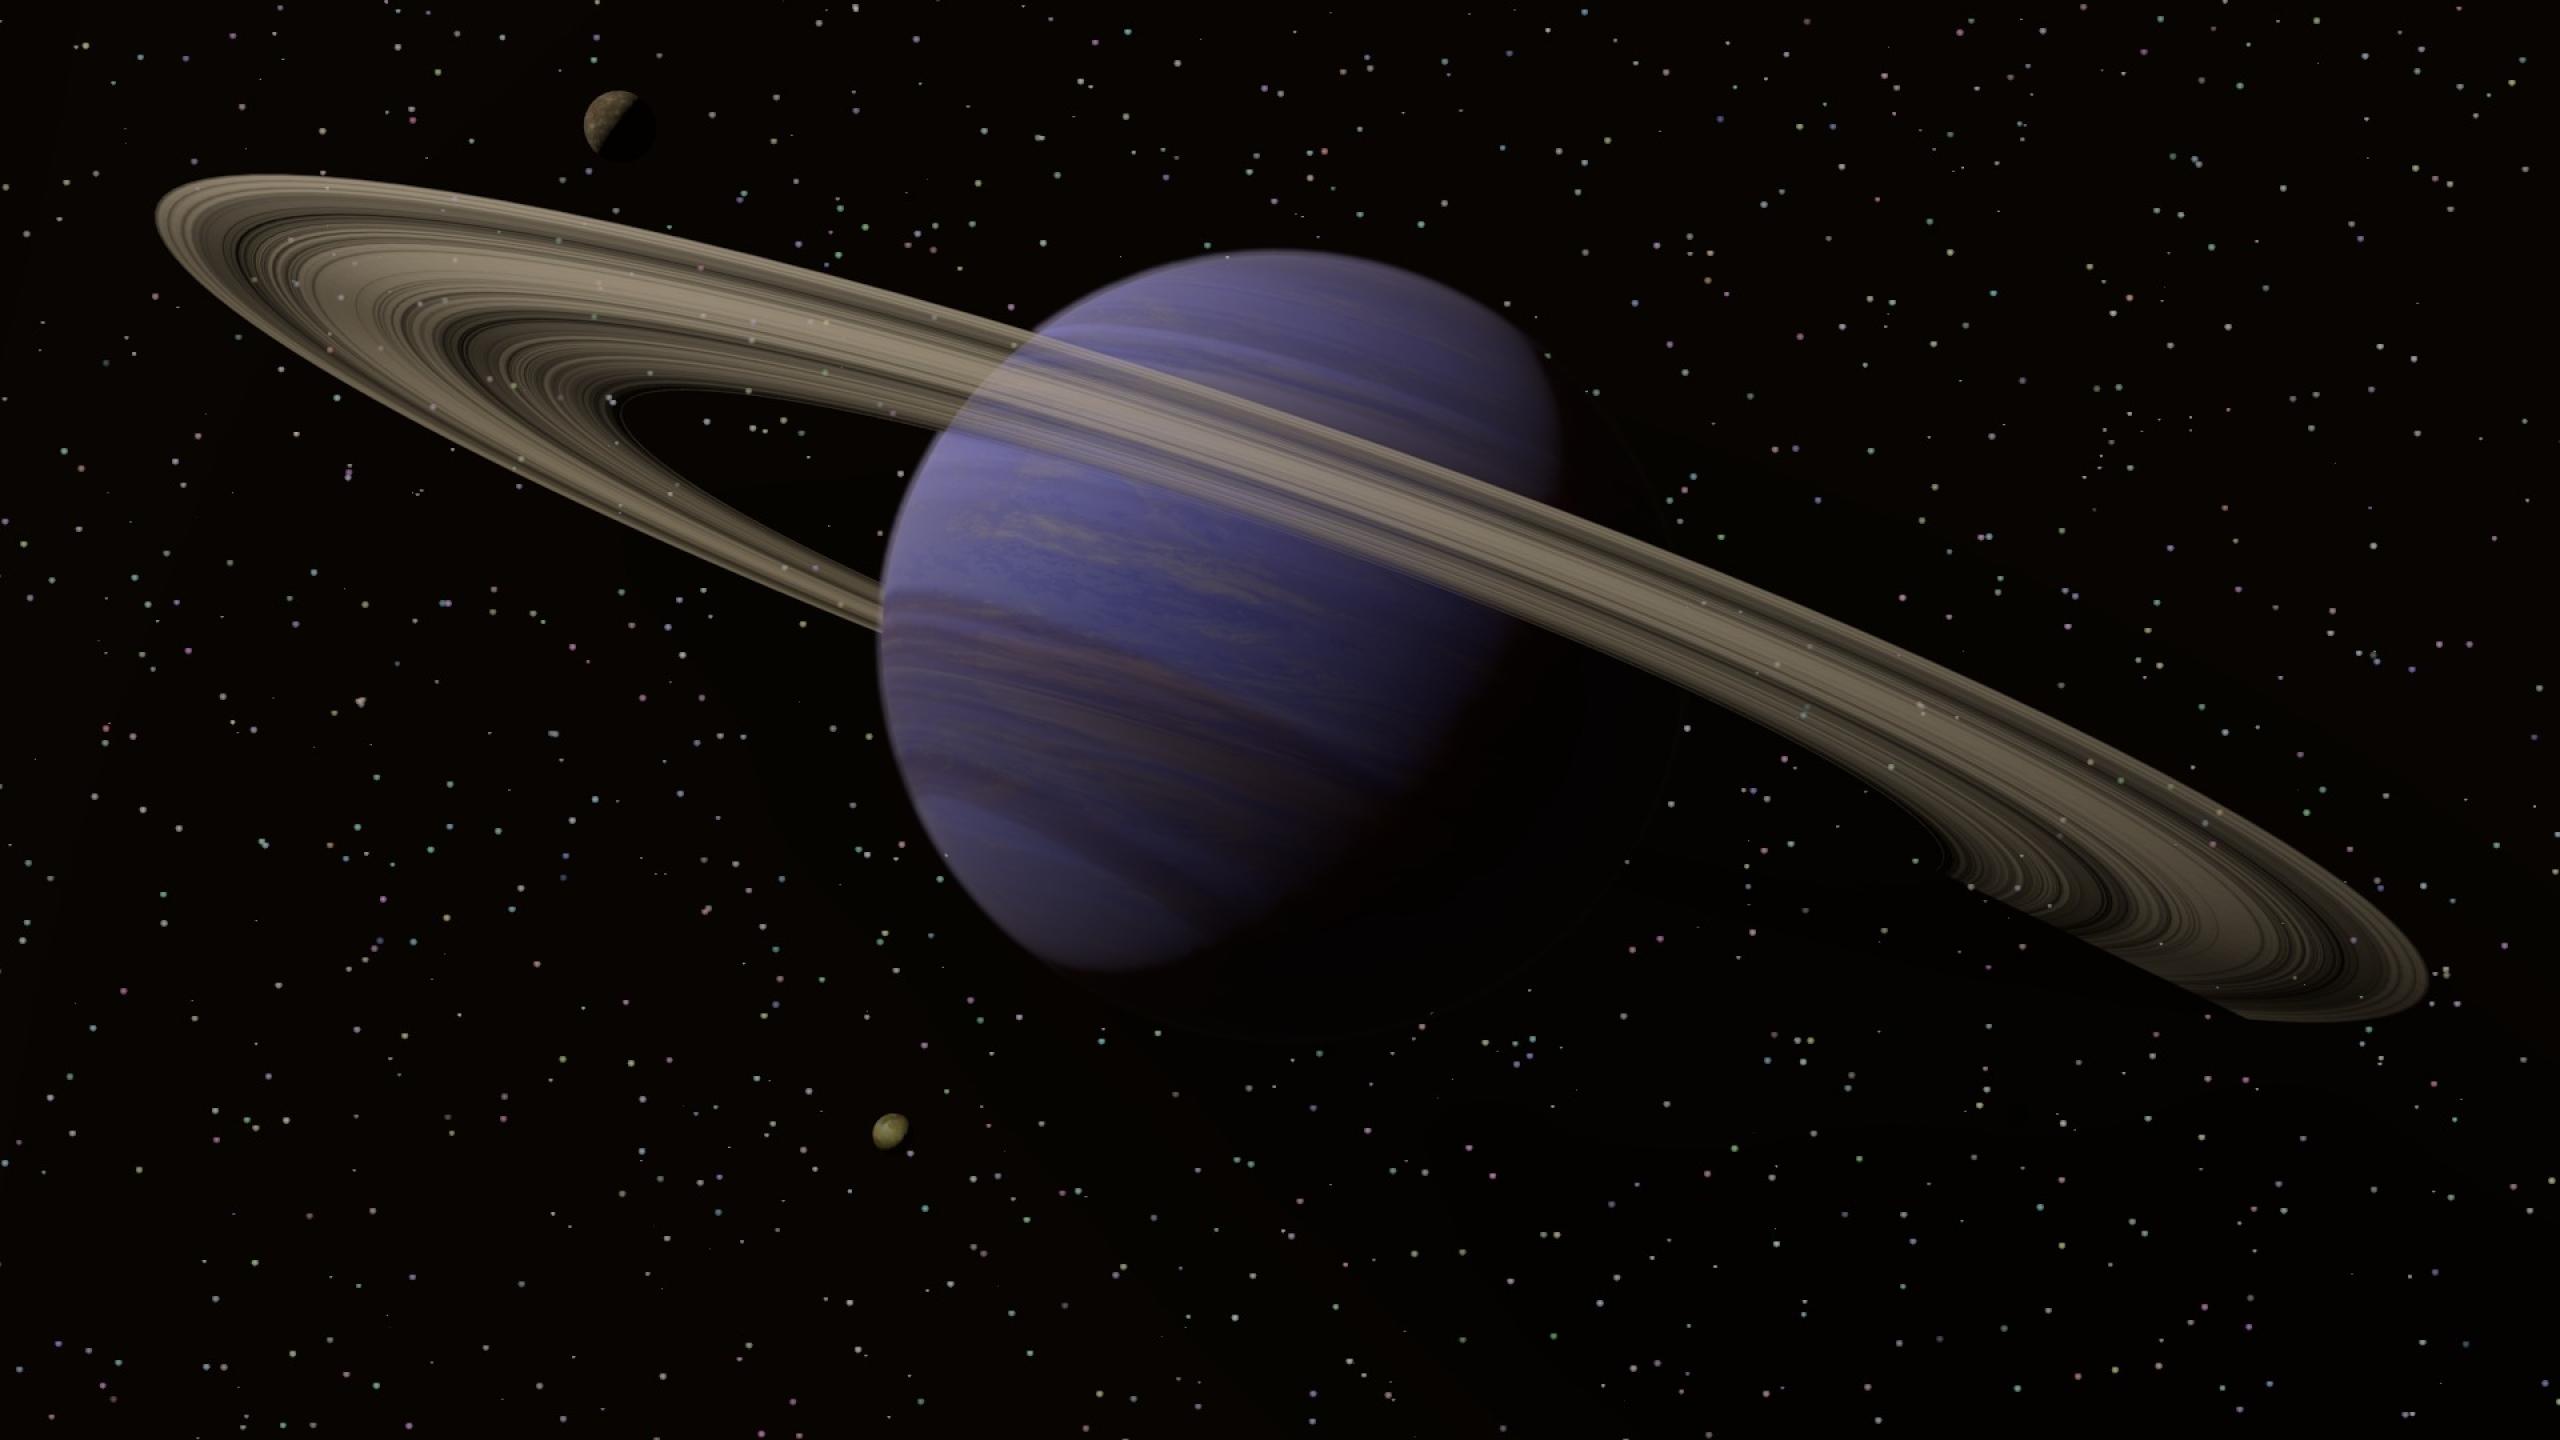 saturn planet widescreen wallpaper 62303